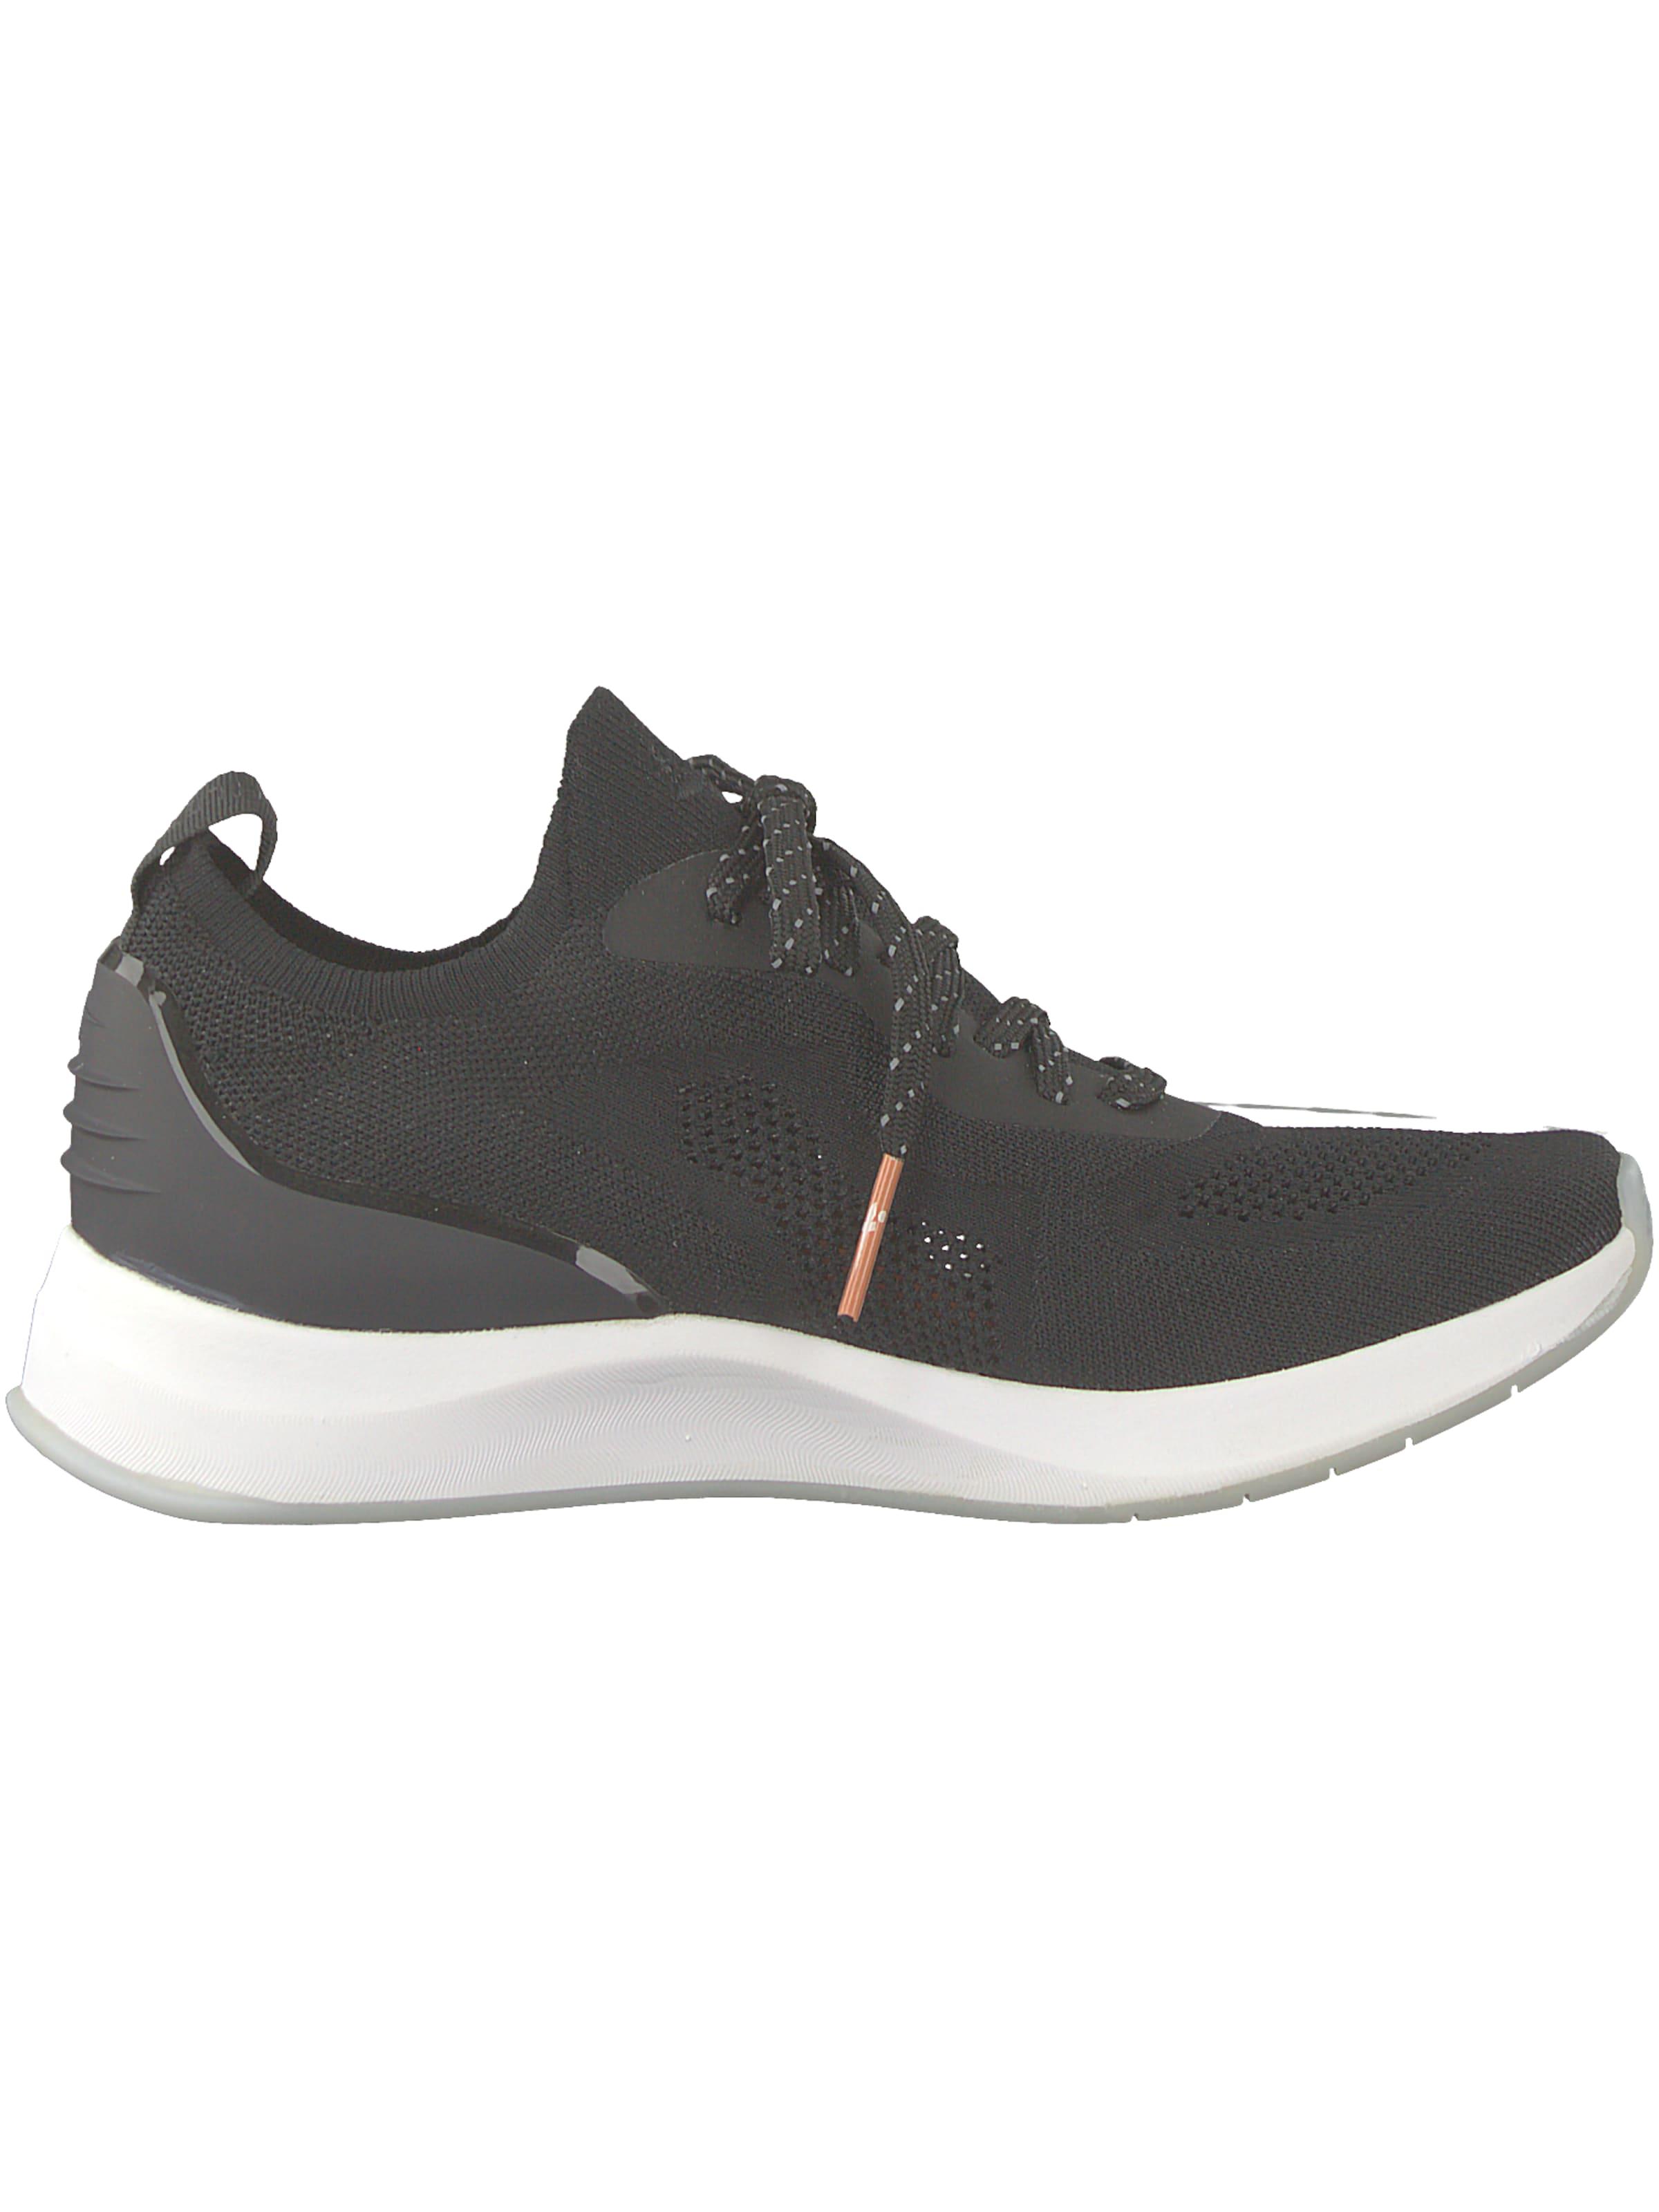 Tamaris In Schwarz Sneaker In Tamaris Sneaker EYDH29IW